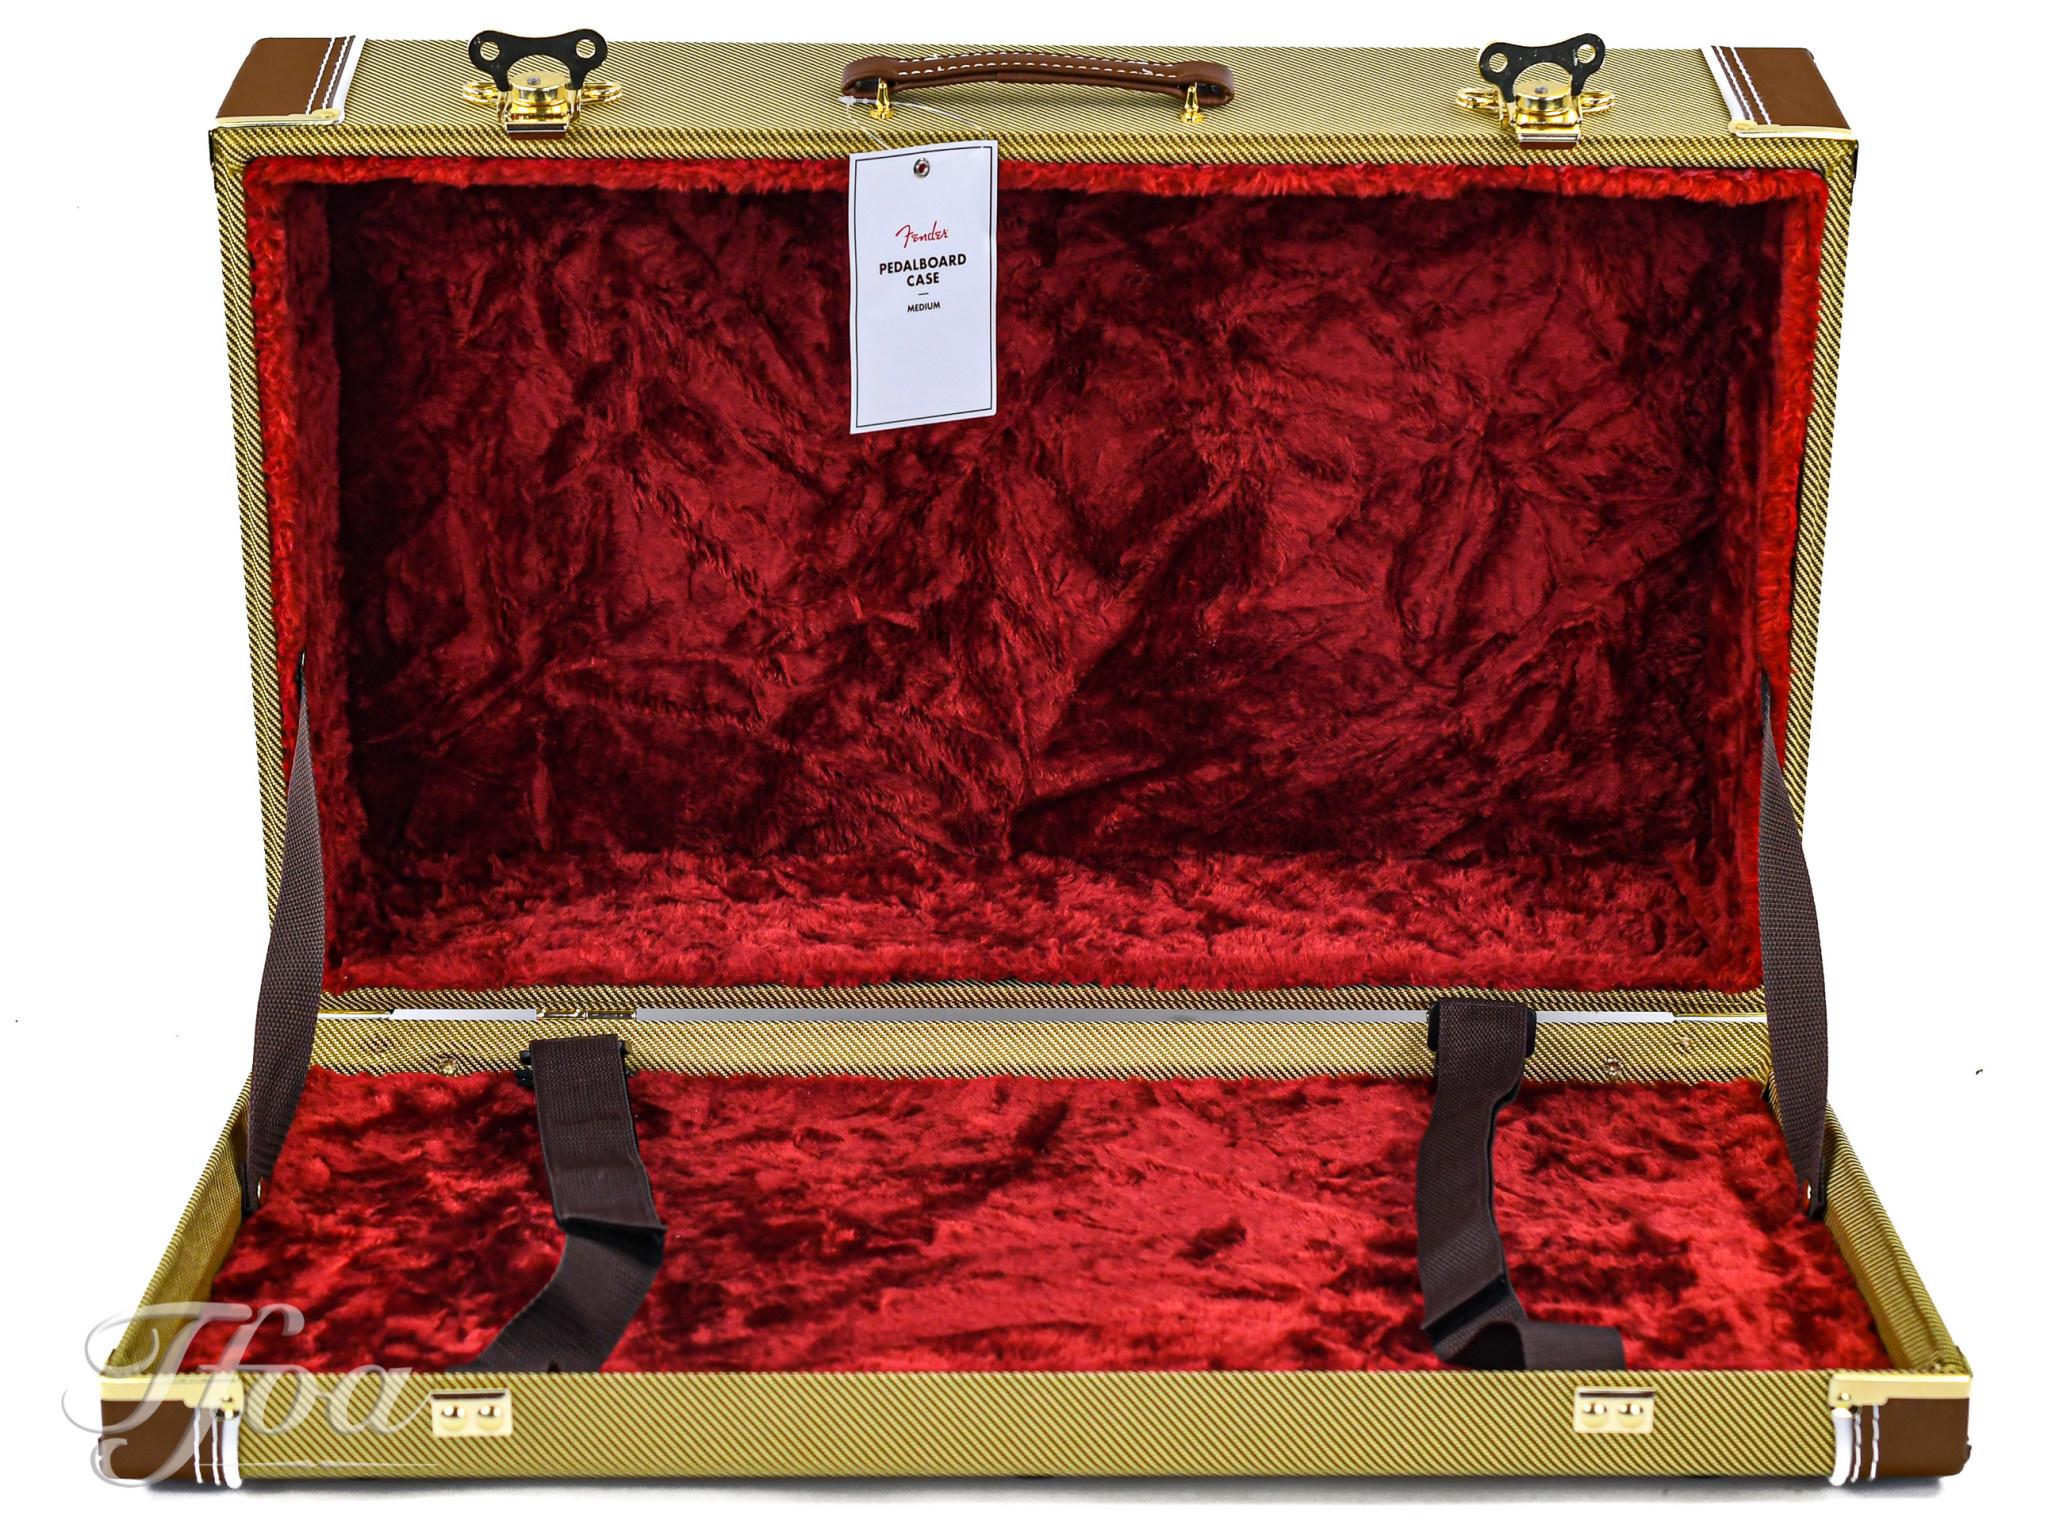 Fender Tweed Pedalboard Case M